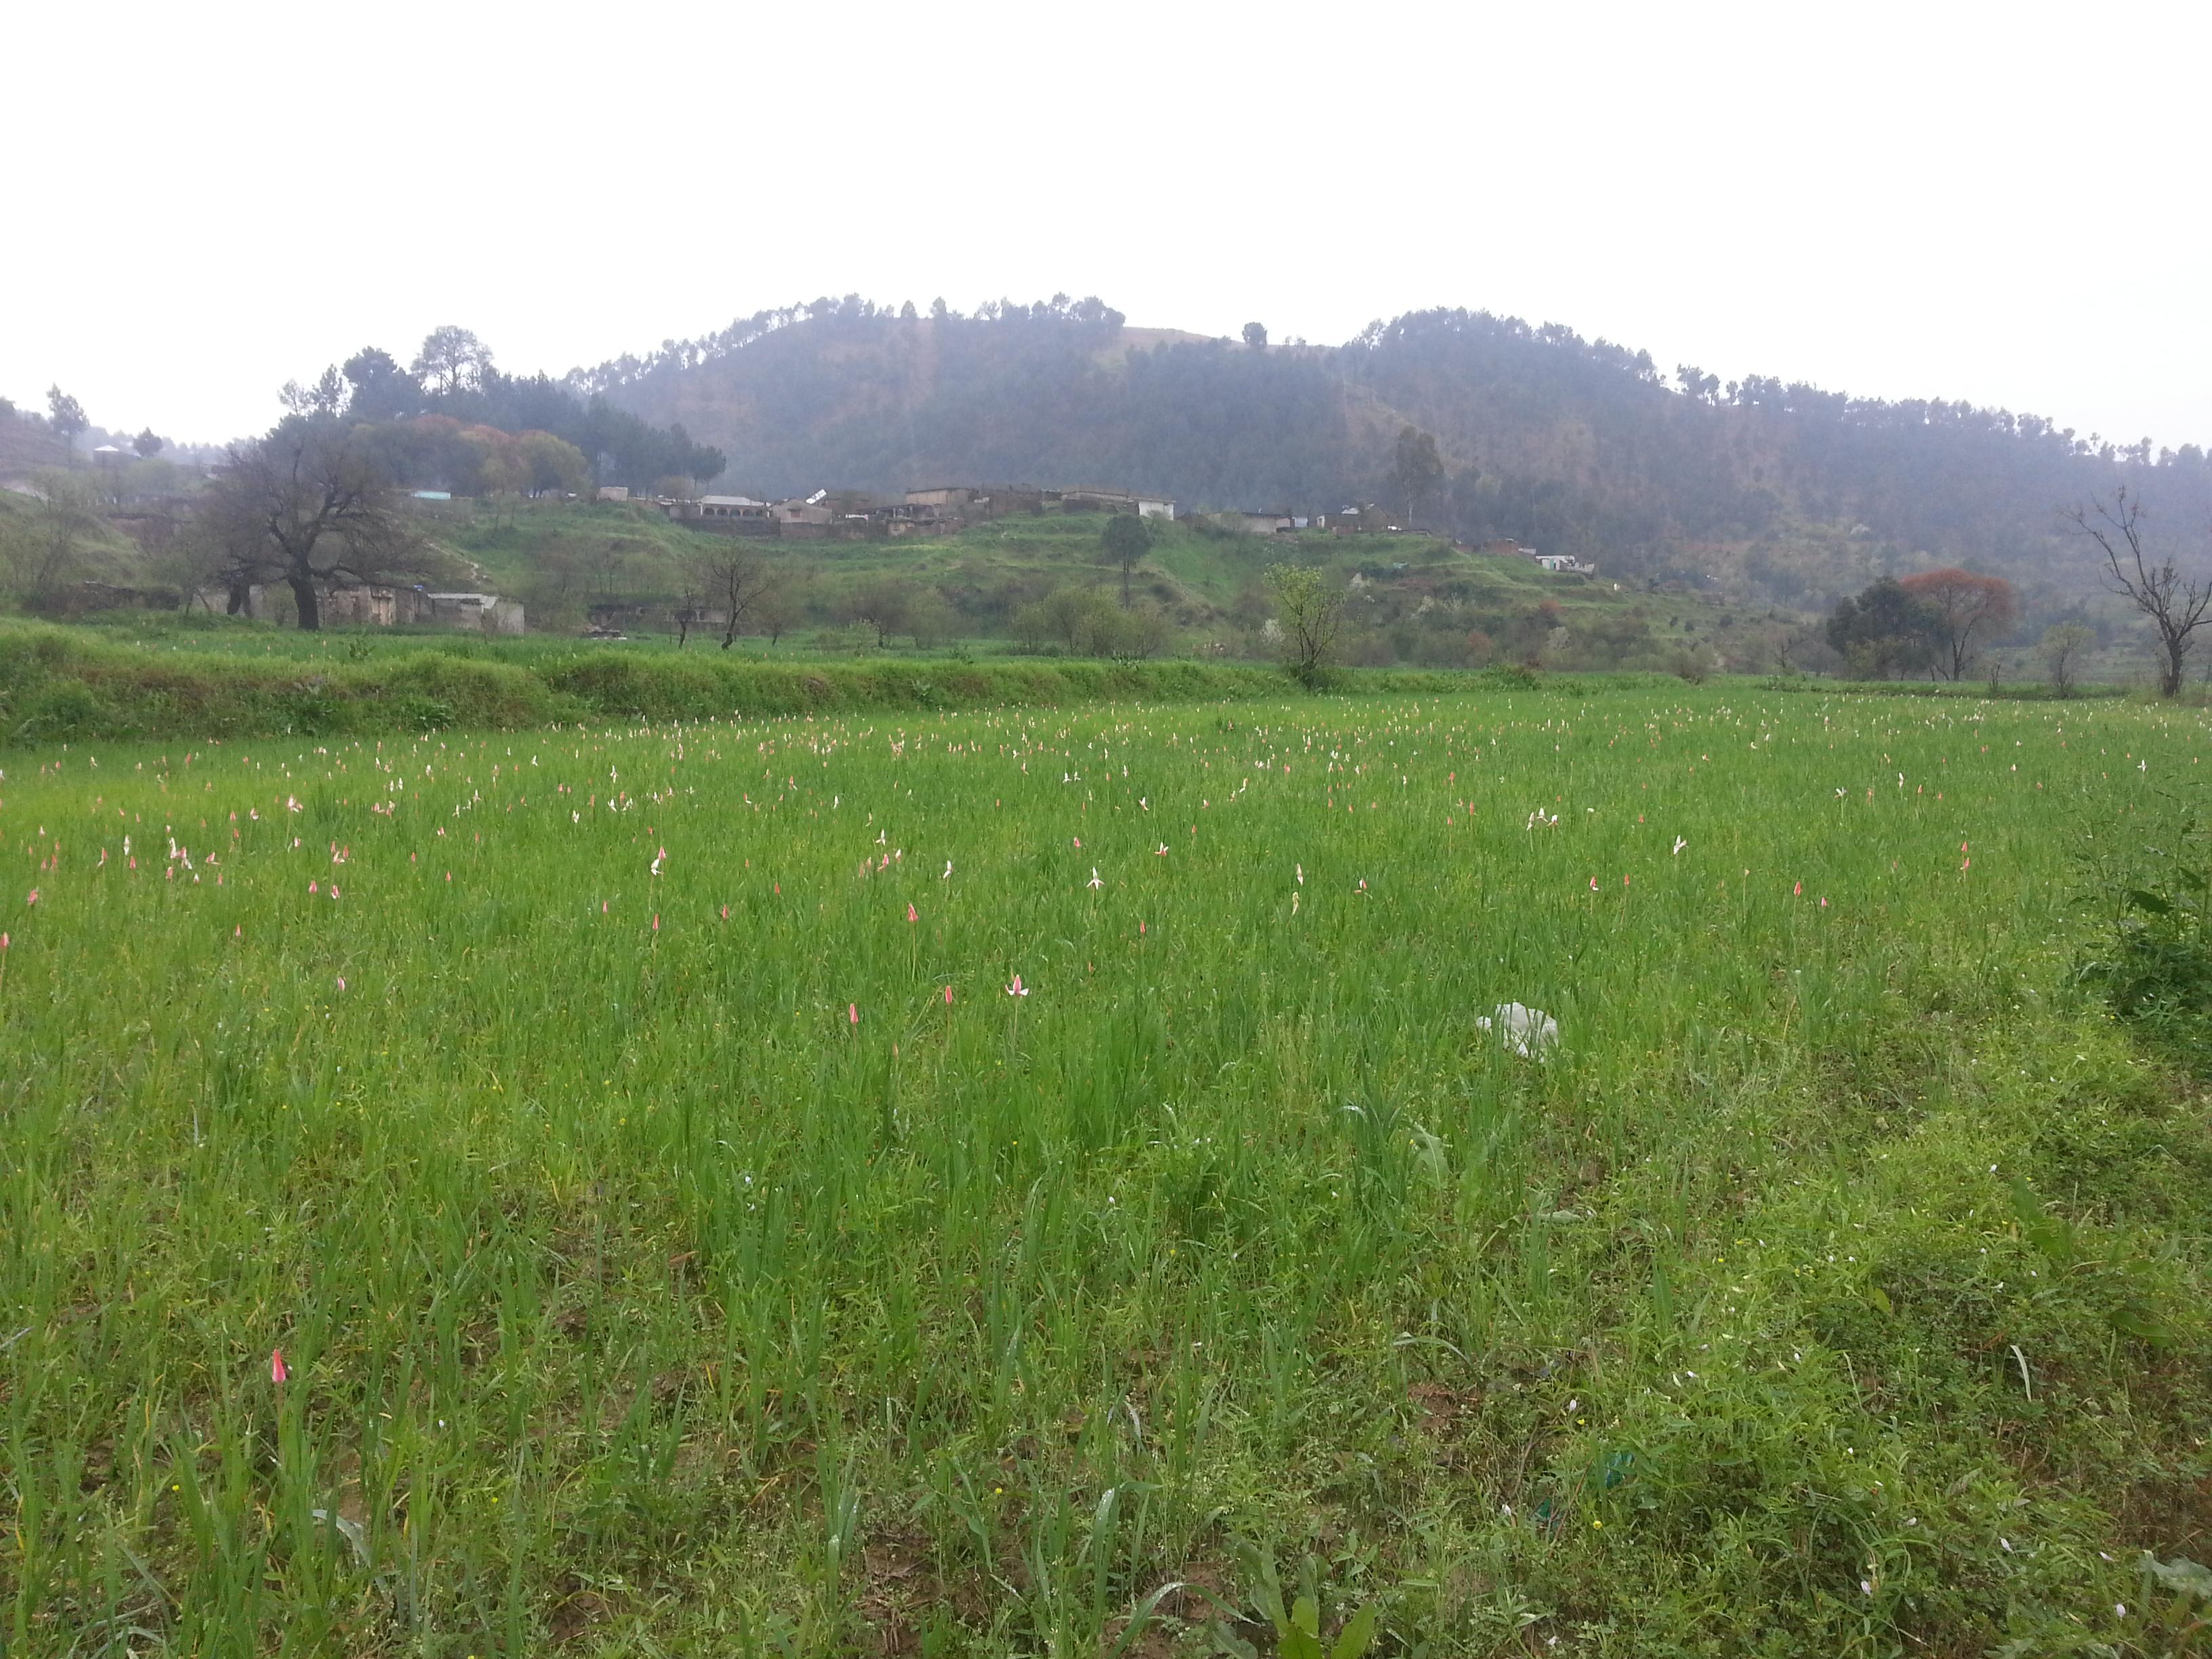 Ghanttol flower in the fields